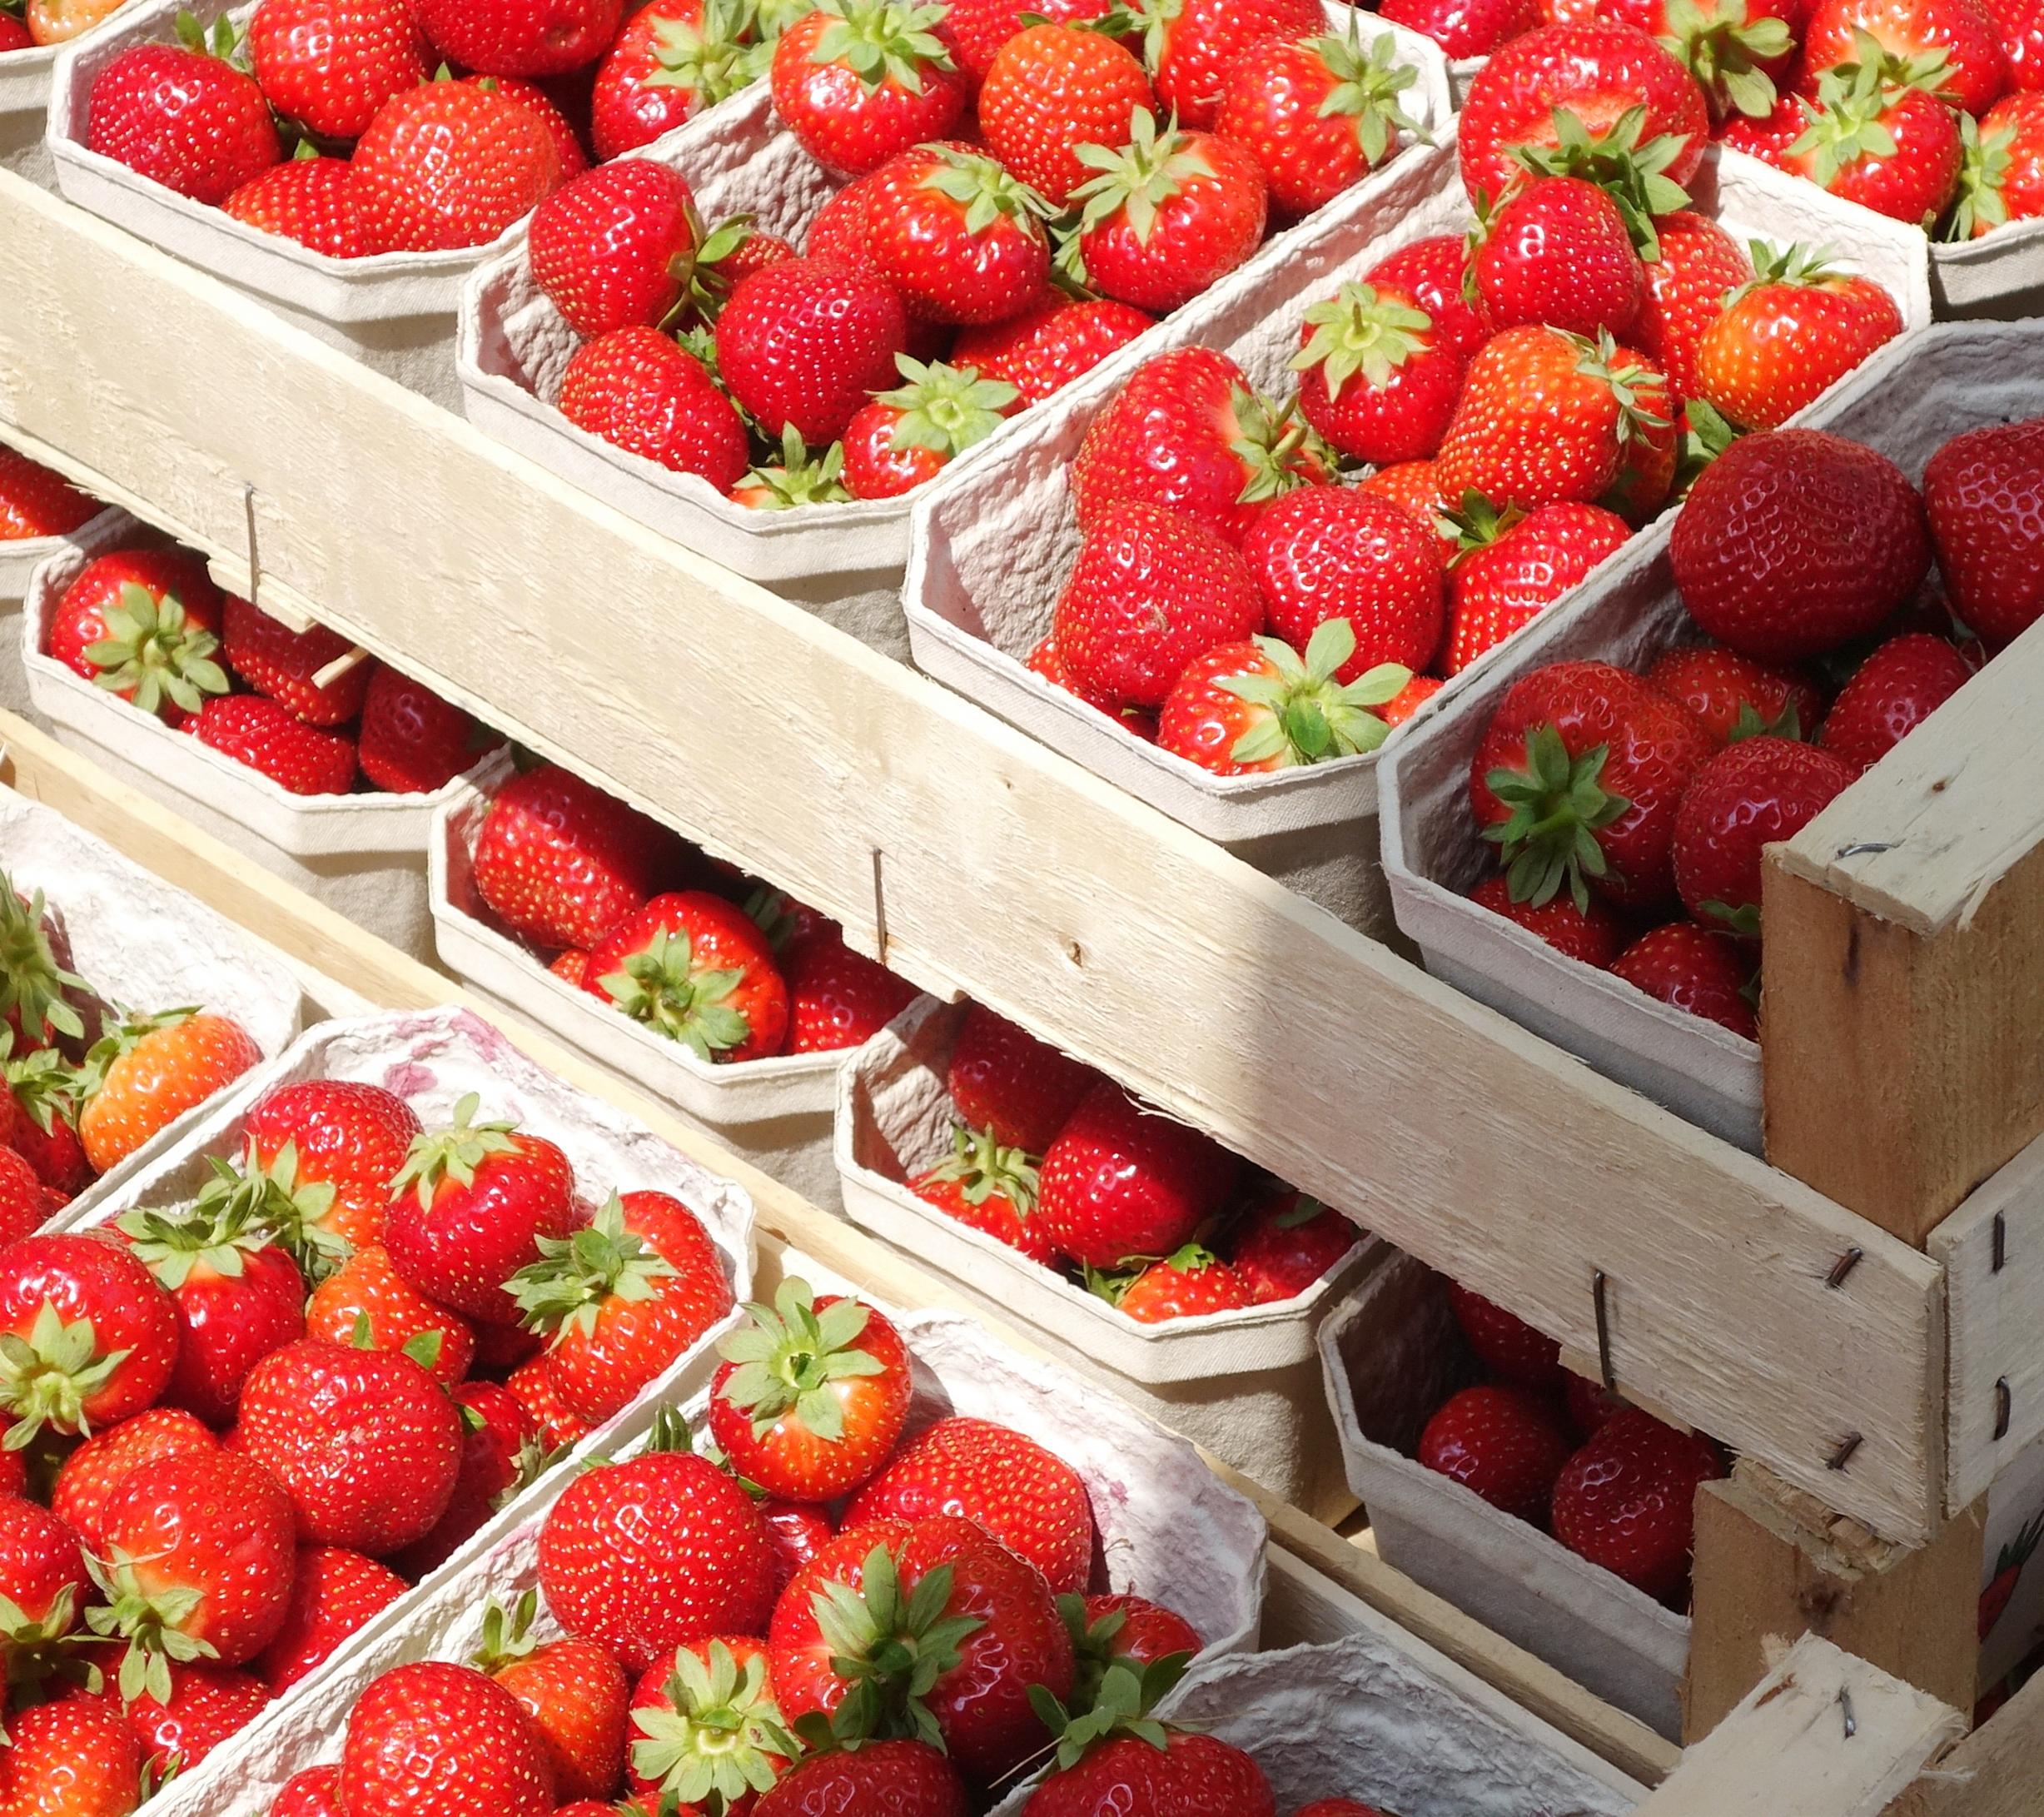 Erdbeeren Markt DSC01952b.JPG